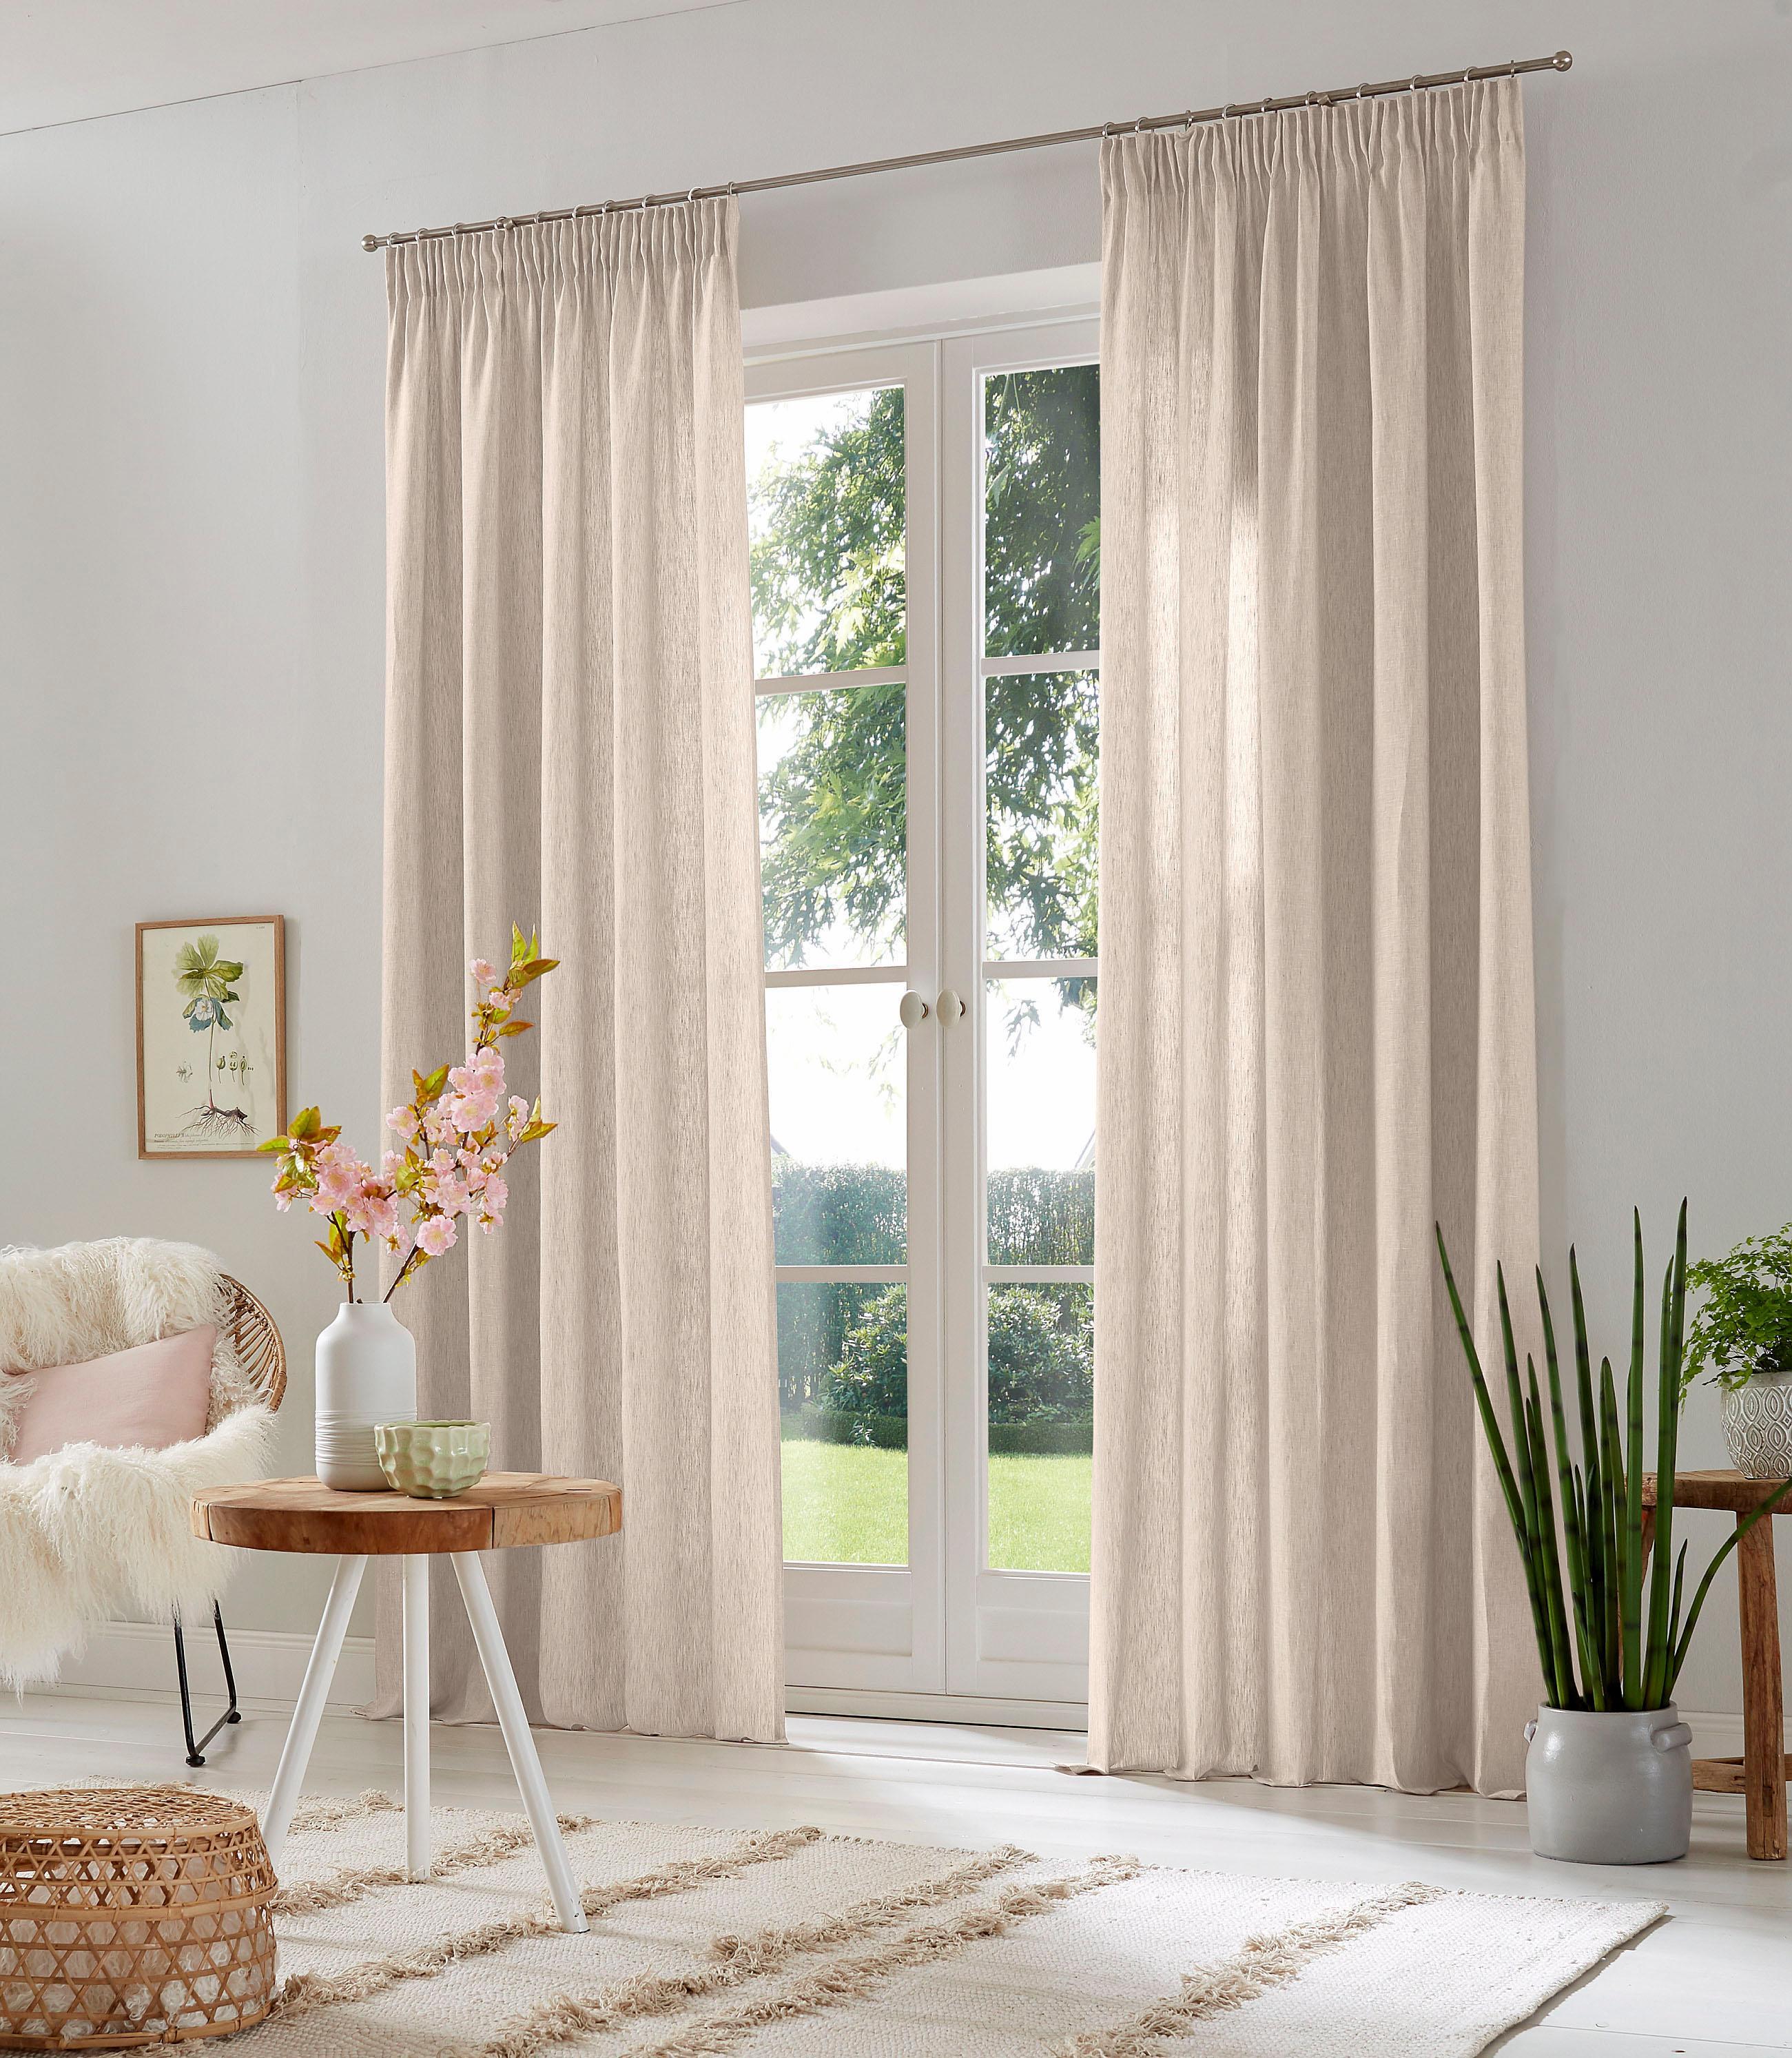 Vorhang, Lazy, Home affaire, Multifunktionsband 2 Stück | Heimtextilien > Gardinen und Vorhänge | home affaire